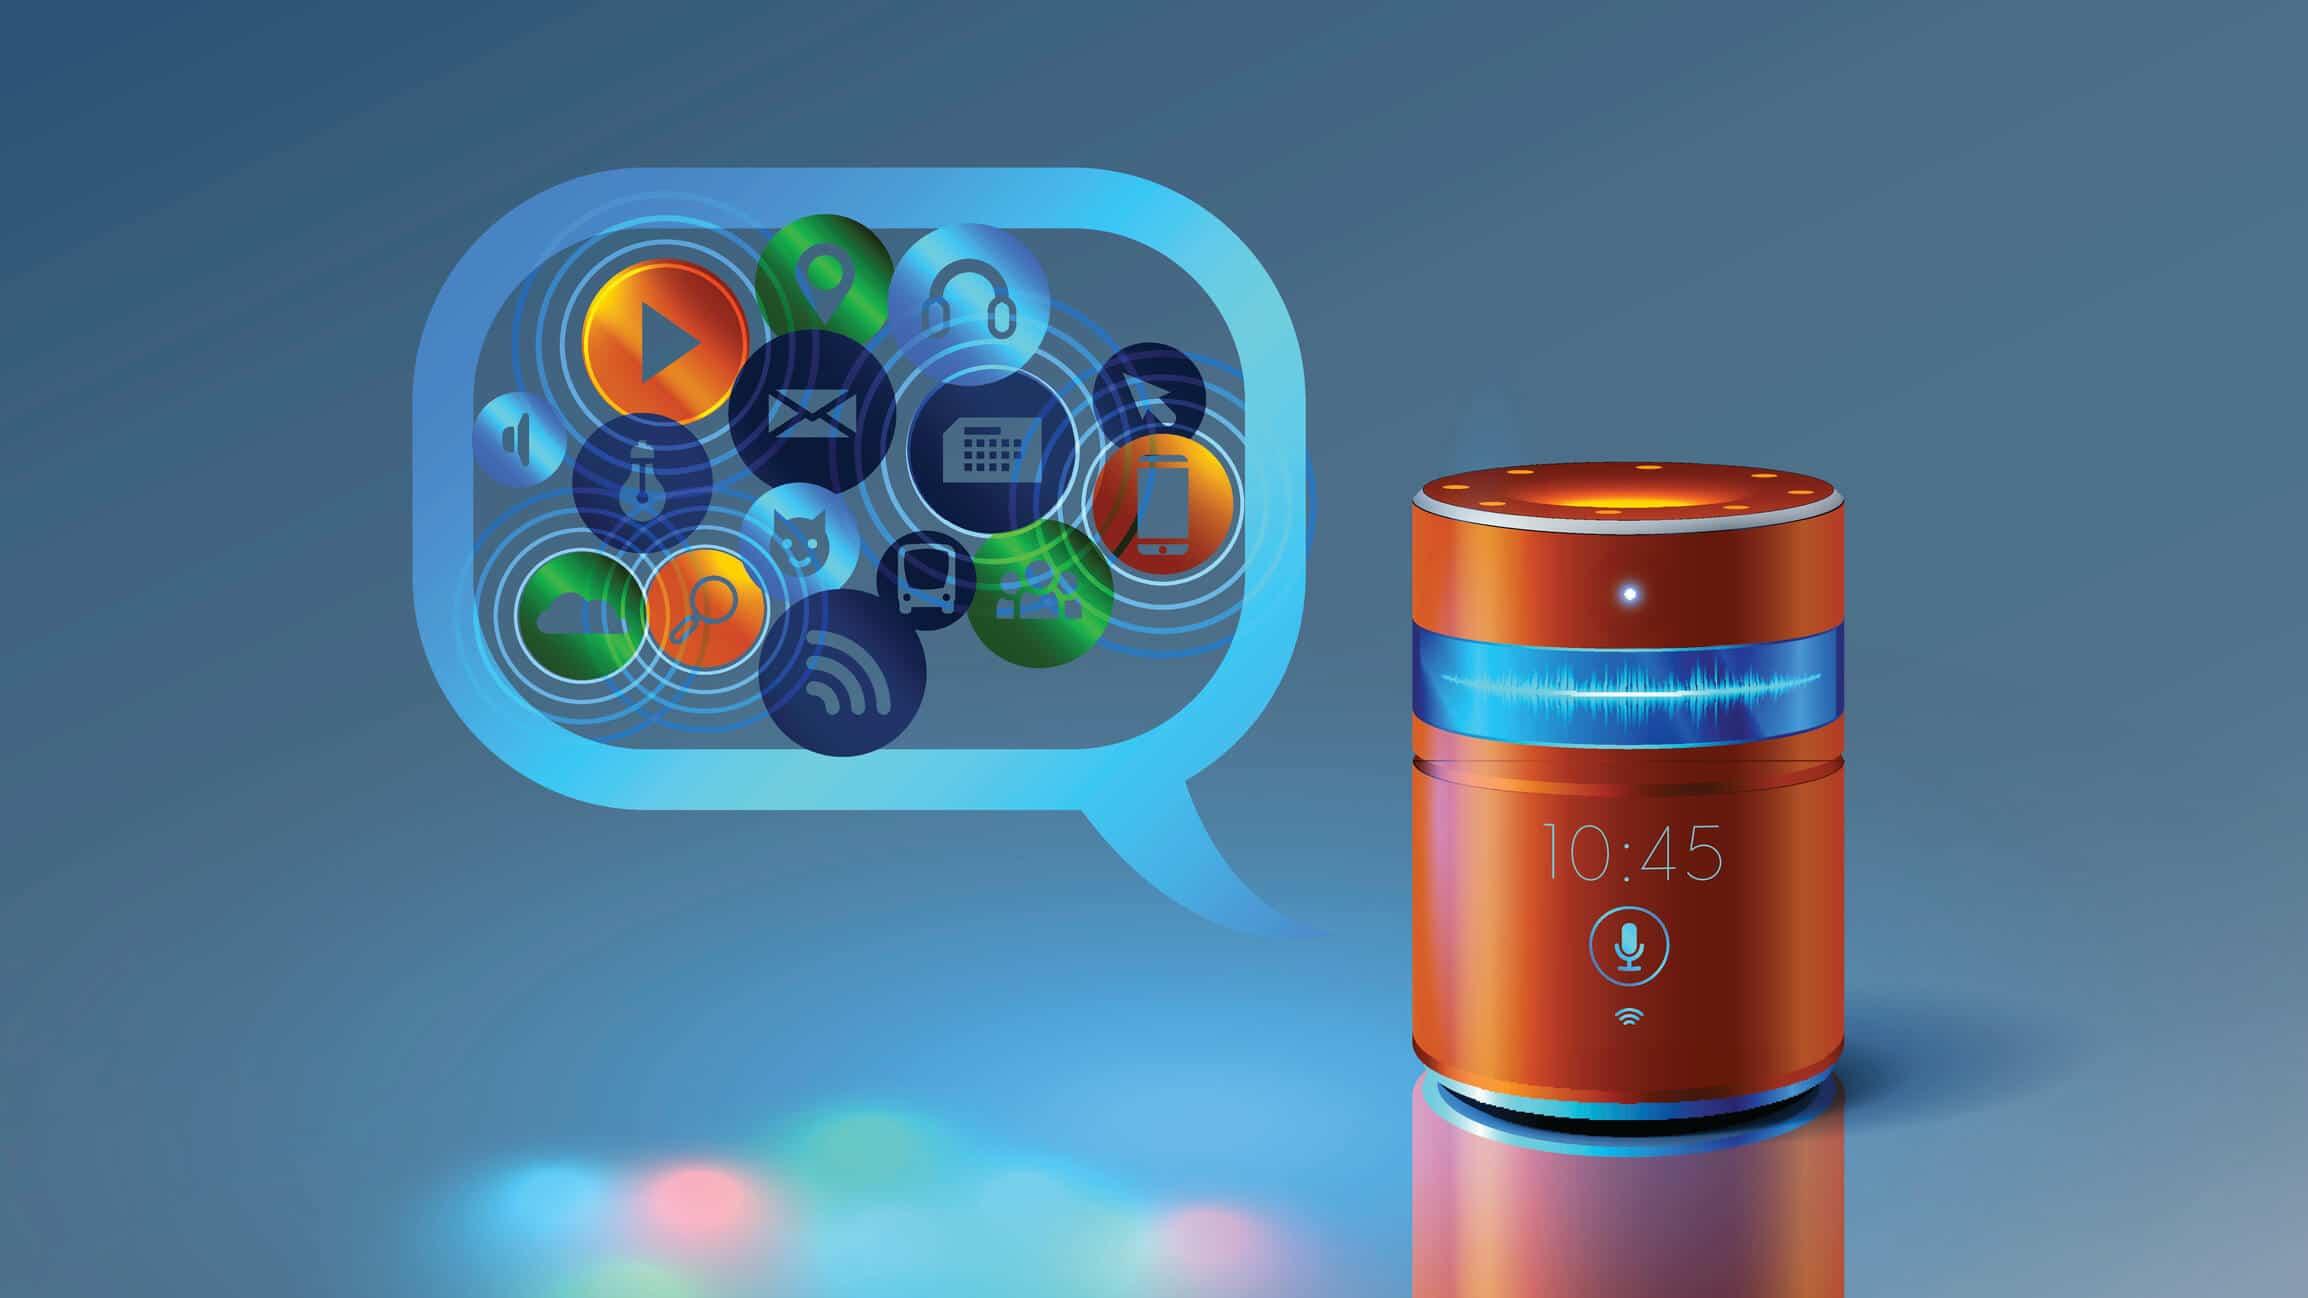 Assistente virtual inteligente: você sabe para que serve e como funciona?